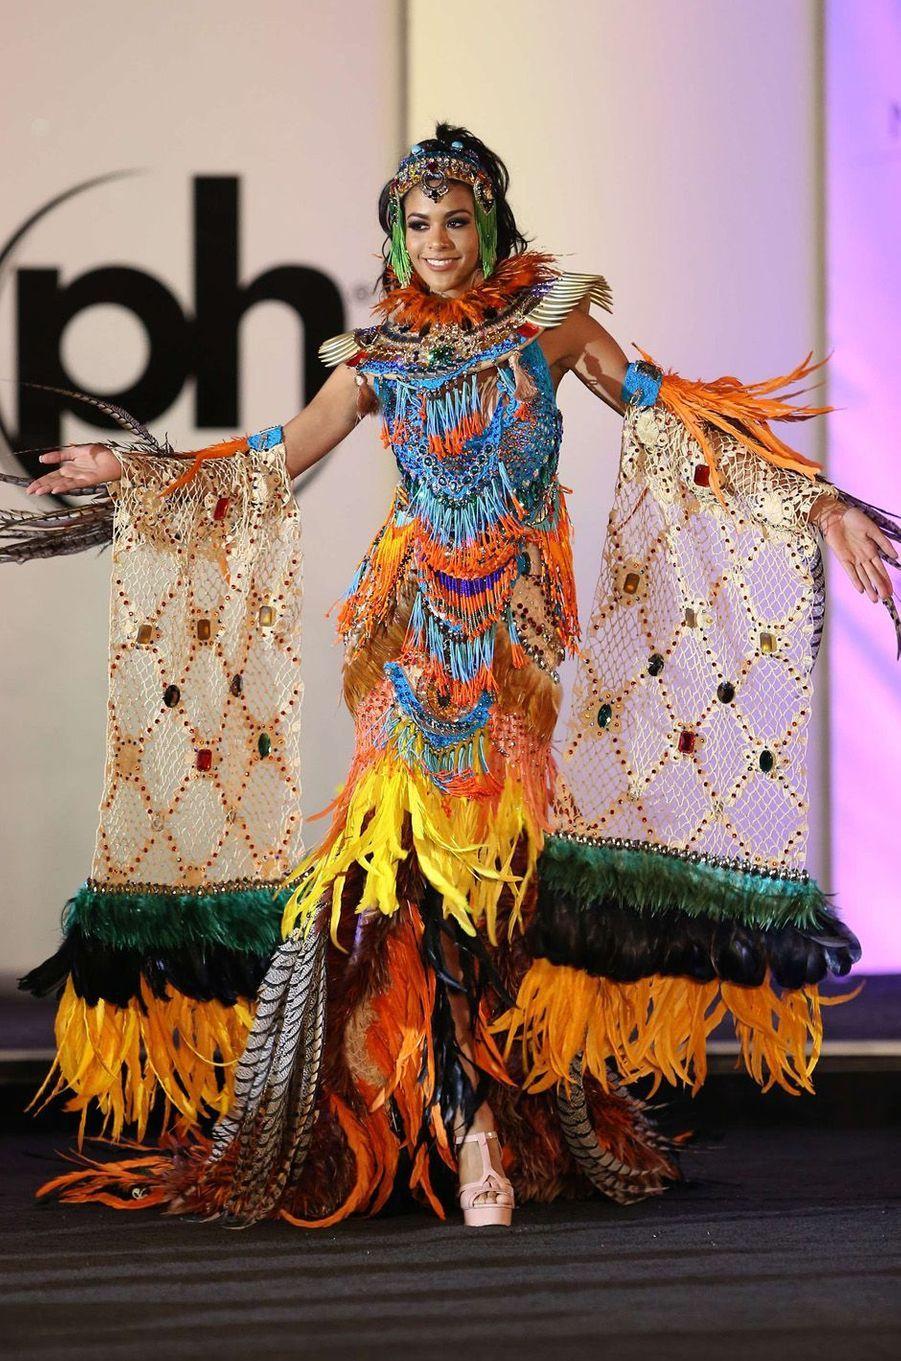 Lauriela Martins, Miss Angola,en costume national pour le concours Miss Univers, le 18 novembre 2017 à Las Vegas.